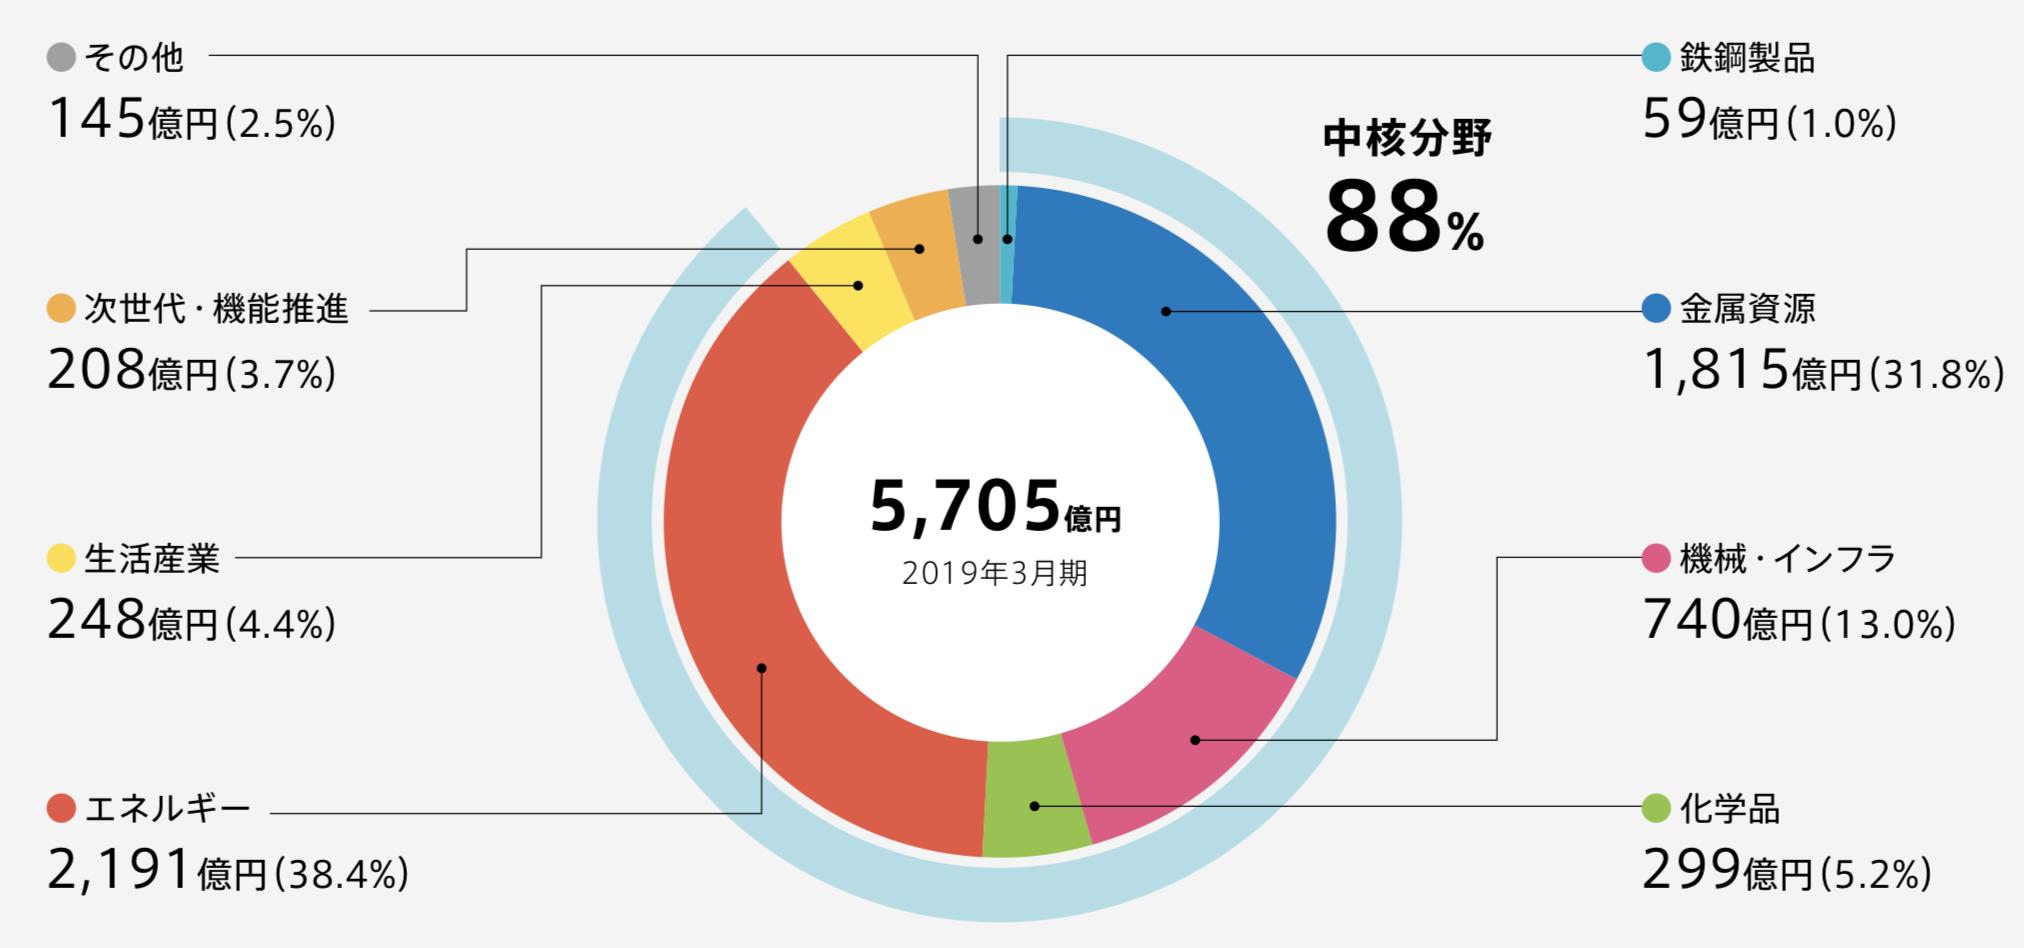 三井物産 基礎営業キャッシュフローのセグメント別構成比